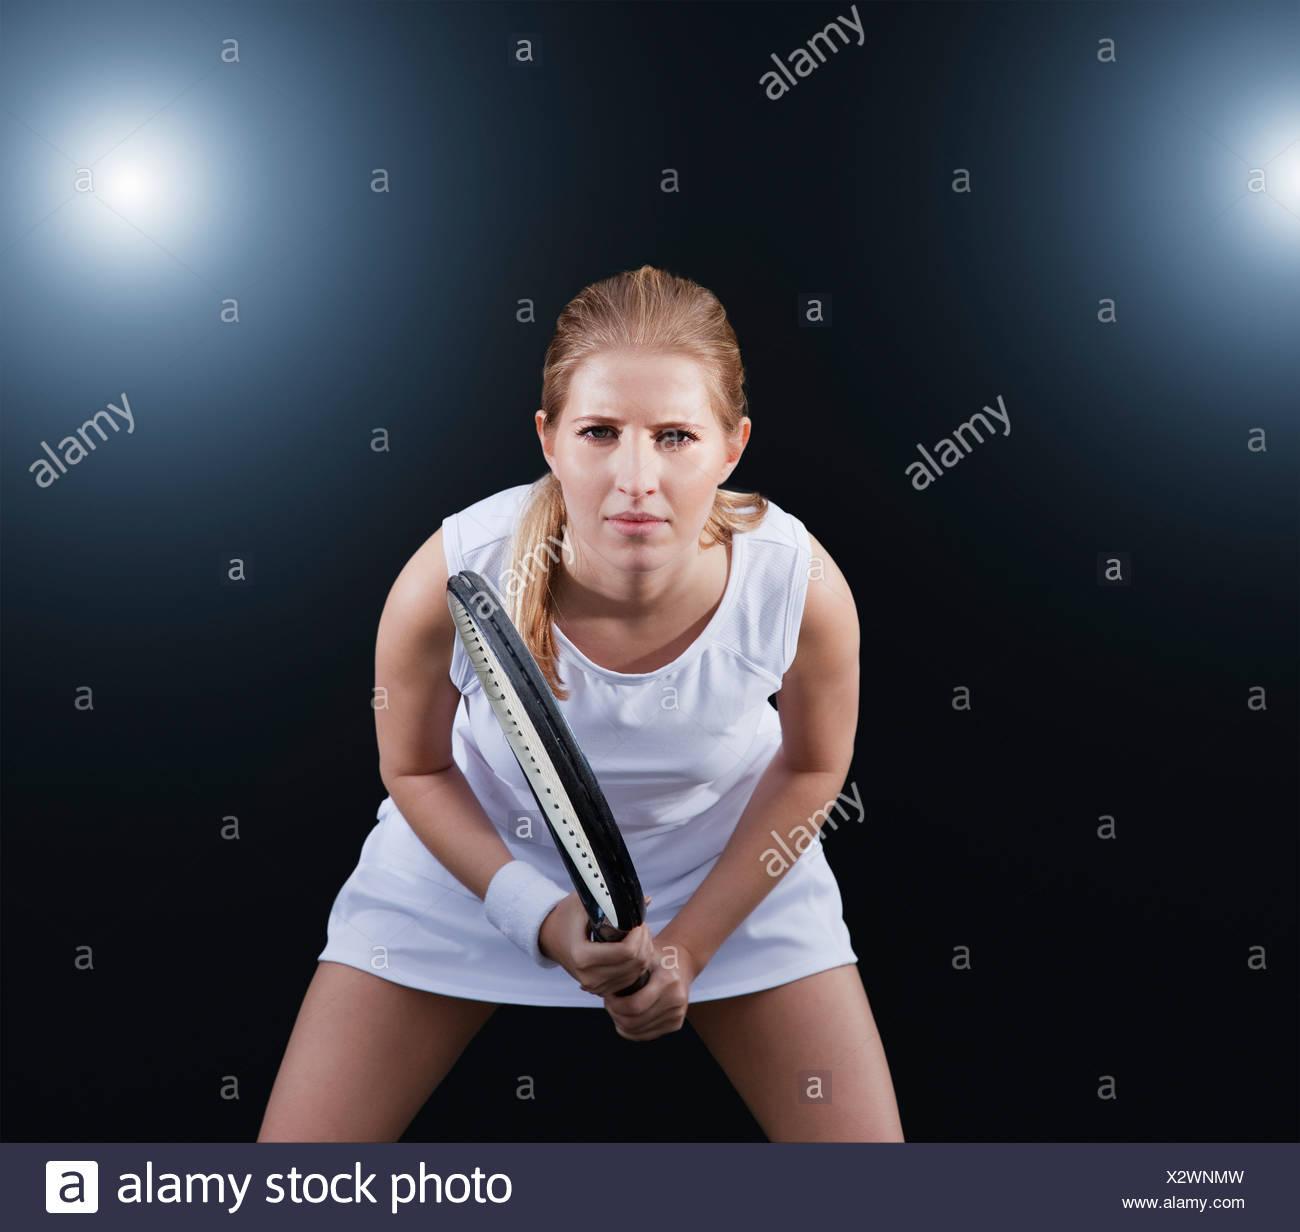 Tennis player point dans le jeu Photo Stock